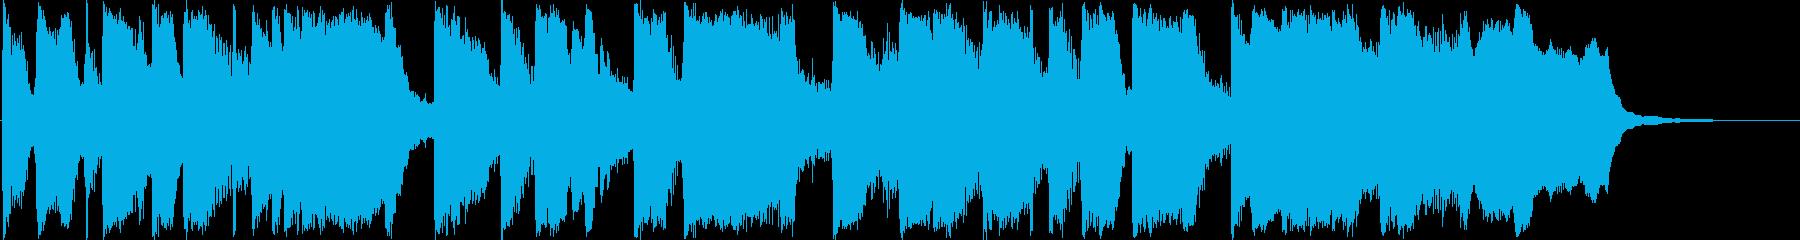 セクシーなsax鳴るJazzyなジングルの再生済みの波形